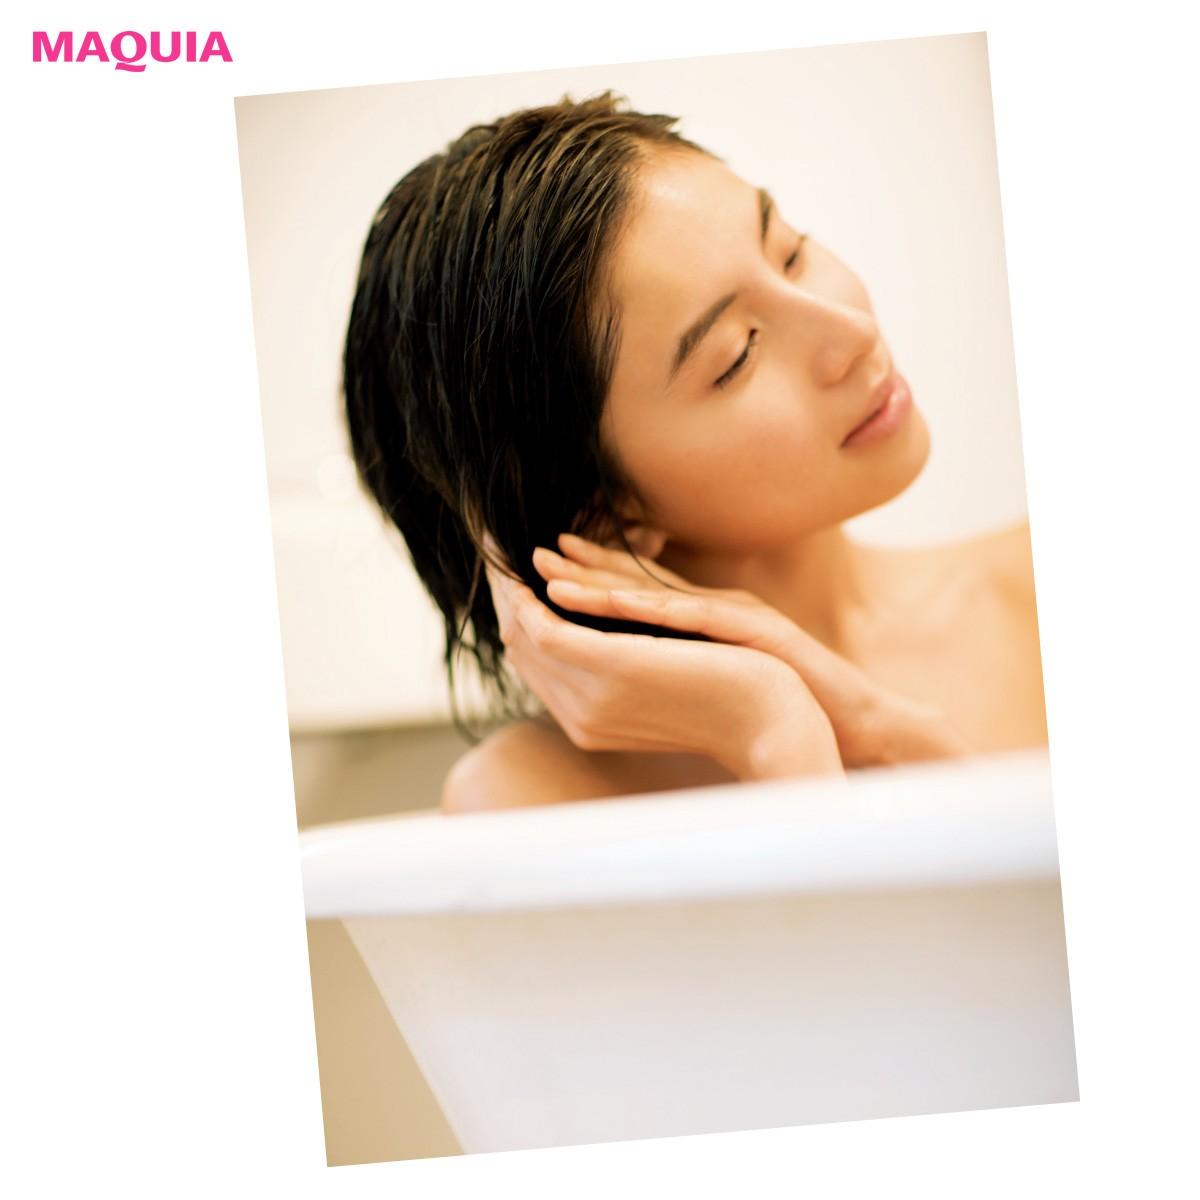 理想の美髪はバスルームでつくる!お風呂でうるツヤ髪になるHow to